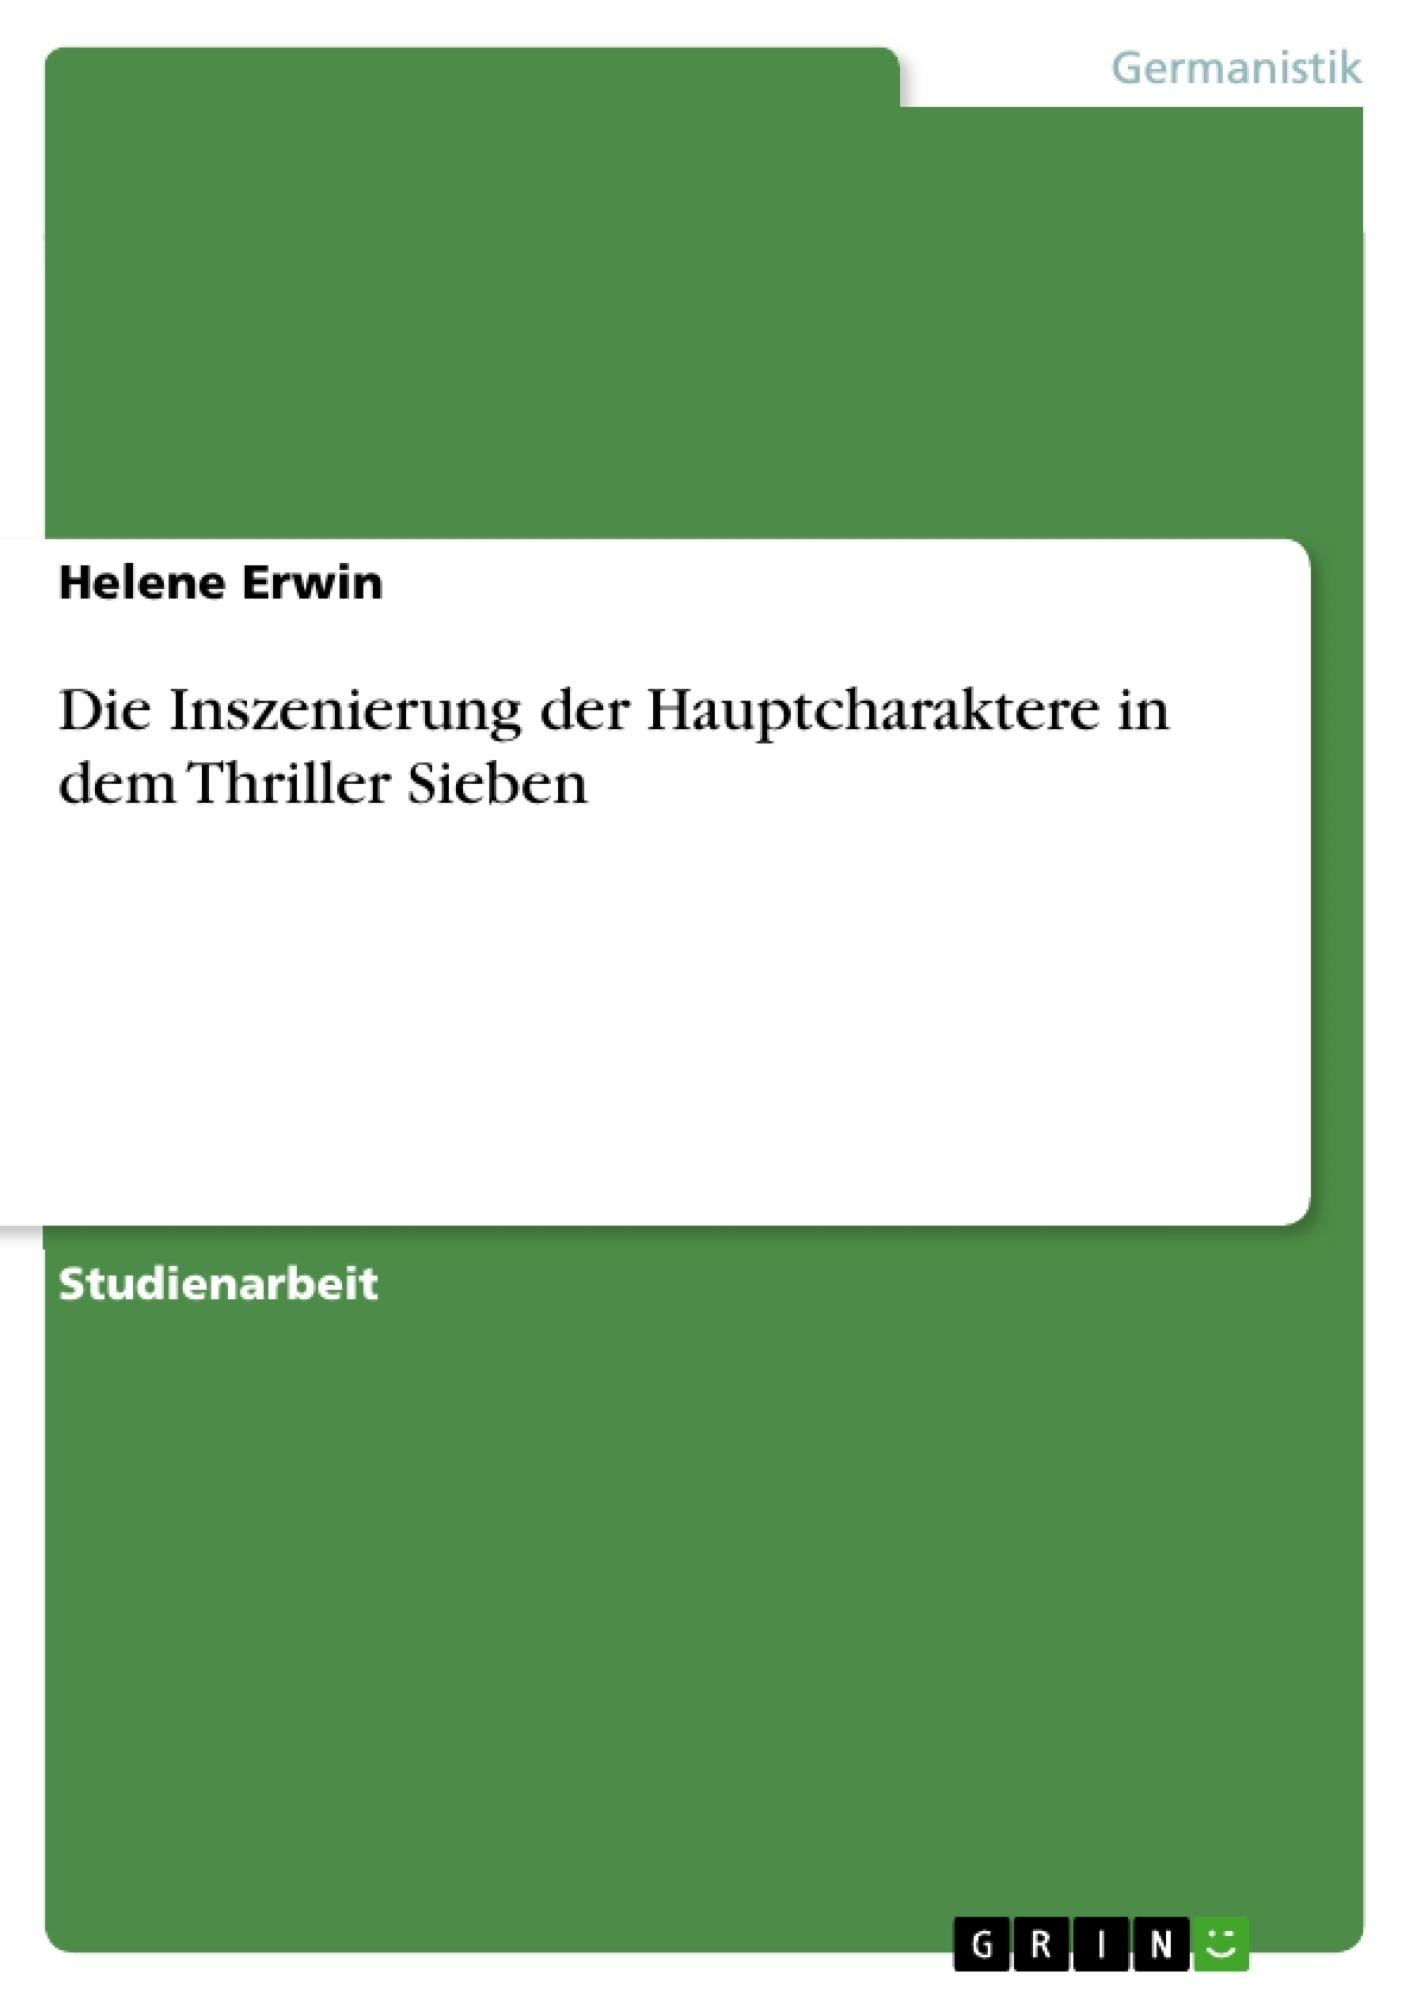 Titel: Die Inszenierung der Hauptcharaktere in dem Thriller Sieben